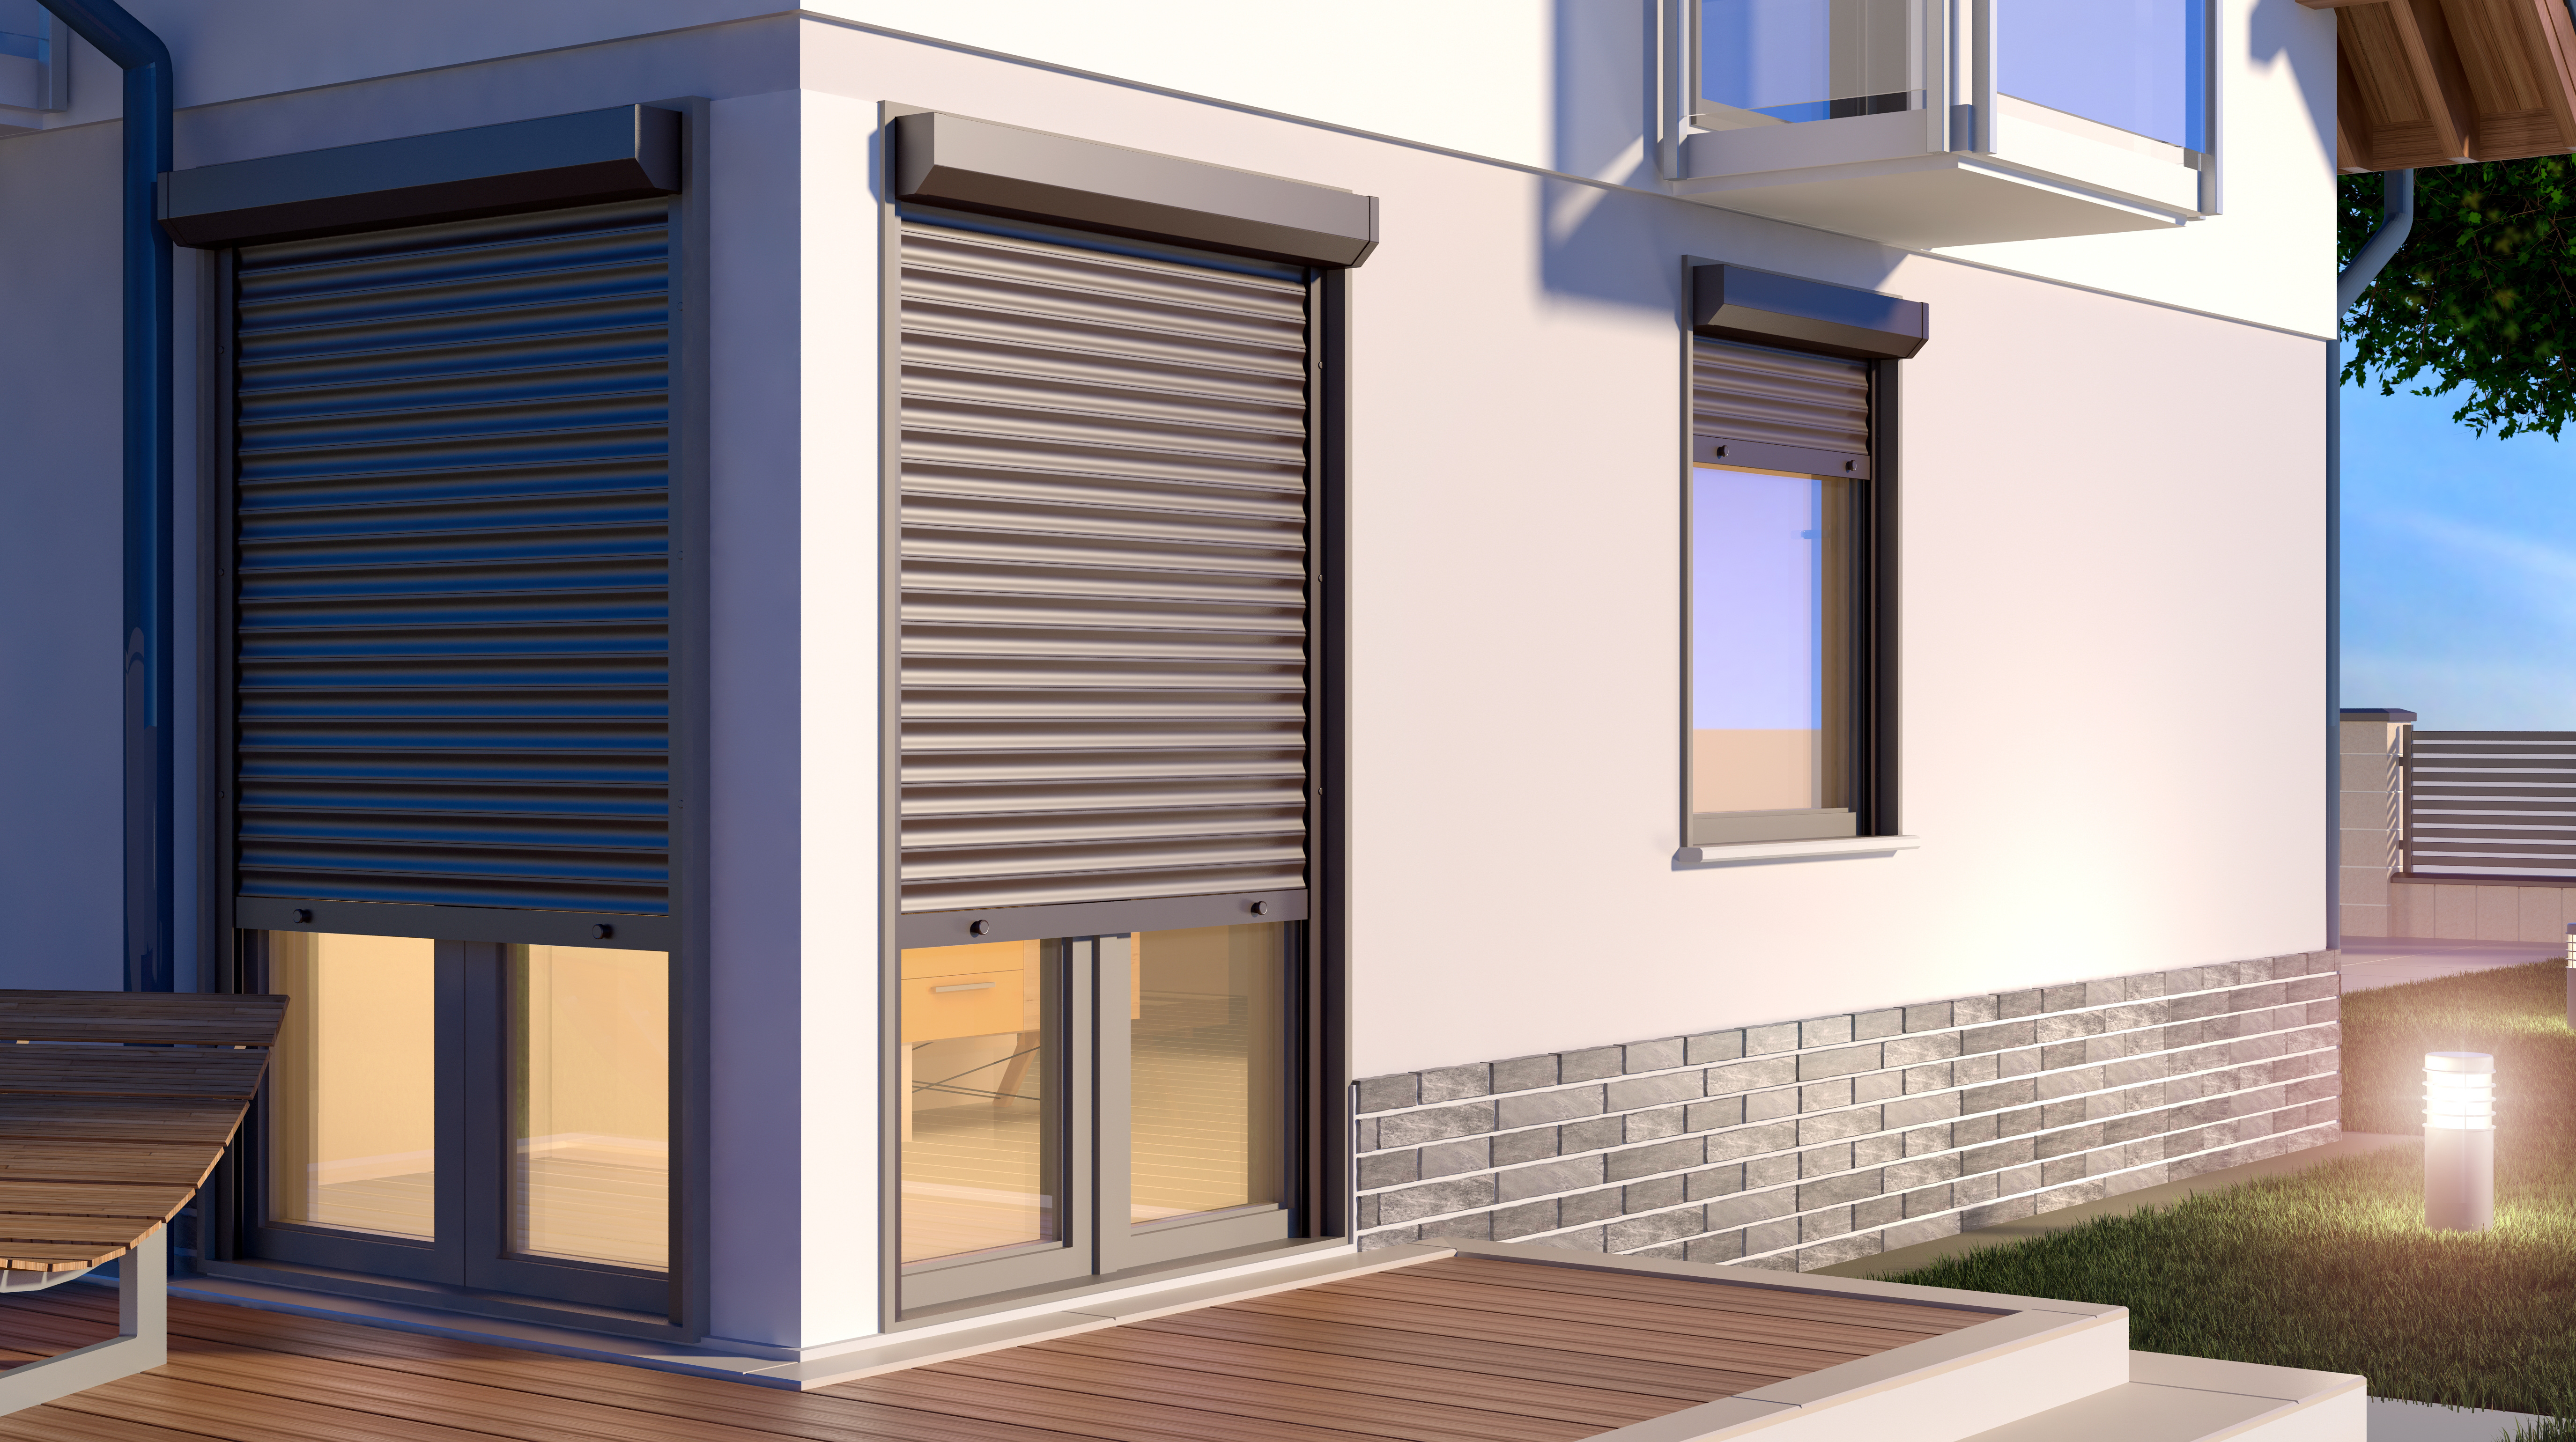 volet roulant. Black Bedroom Furniture Sets. Home Design Ideas